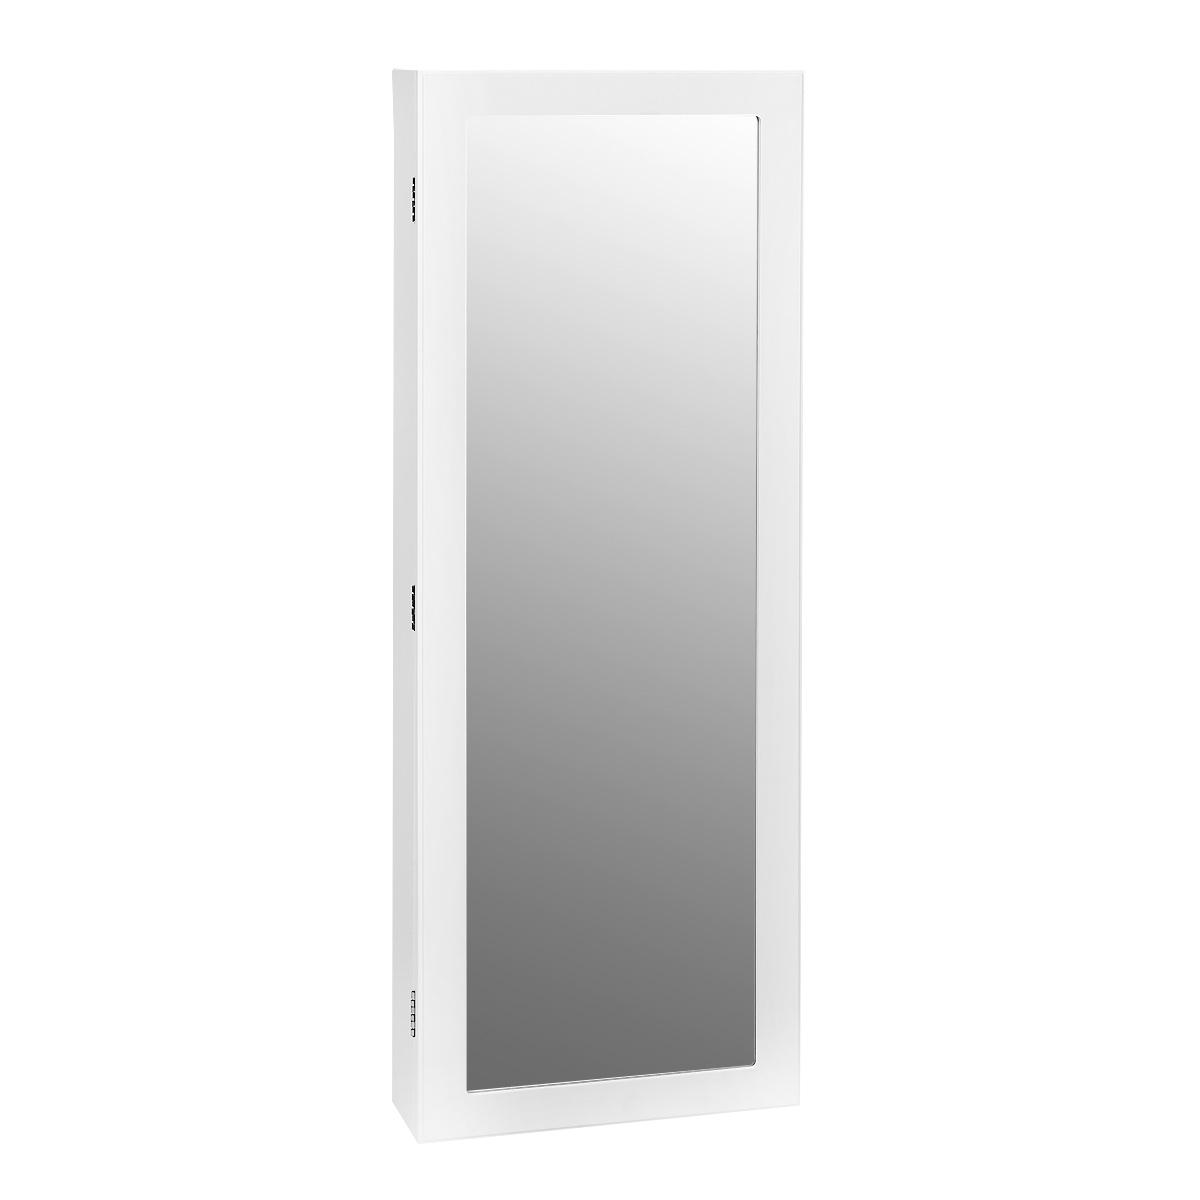 Зеркало-шкаф Bradex Тайник, цвет: белый, 18 х 45 х 117смCM000001327Тайник - это одновременно и шкаф для бижутерии, и зеркало. Подходящее по габаритам для практически любого помещения, зеркало-шкаф поможет Вам красиво уложить Ваши сокровища, при этом Вы не будете терять украшения и всегда будете иметь весь ассортимент под рукой. Внутри шкафа находится множество крючков. На дверце расположено зеркало, которое украсит Вашу комнату и зрительно увеличит ее.Зеркало-шкаф удобно крепится на стене с помощью входящих в комплект шурупов и дюпелей.